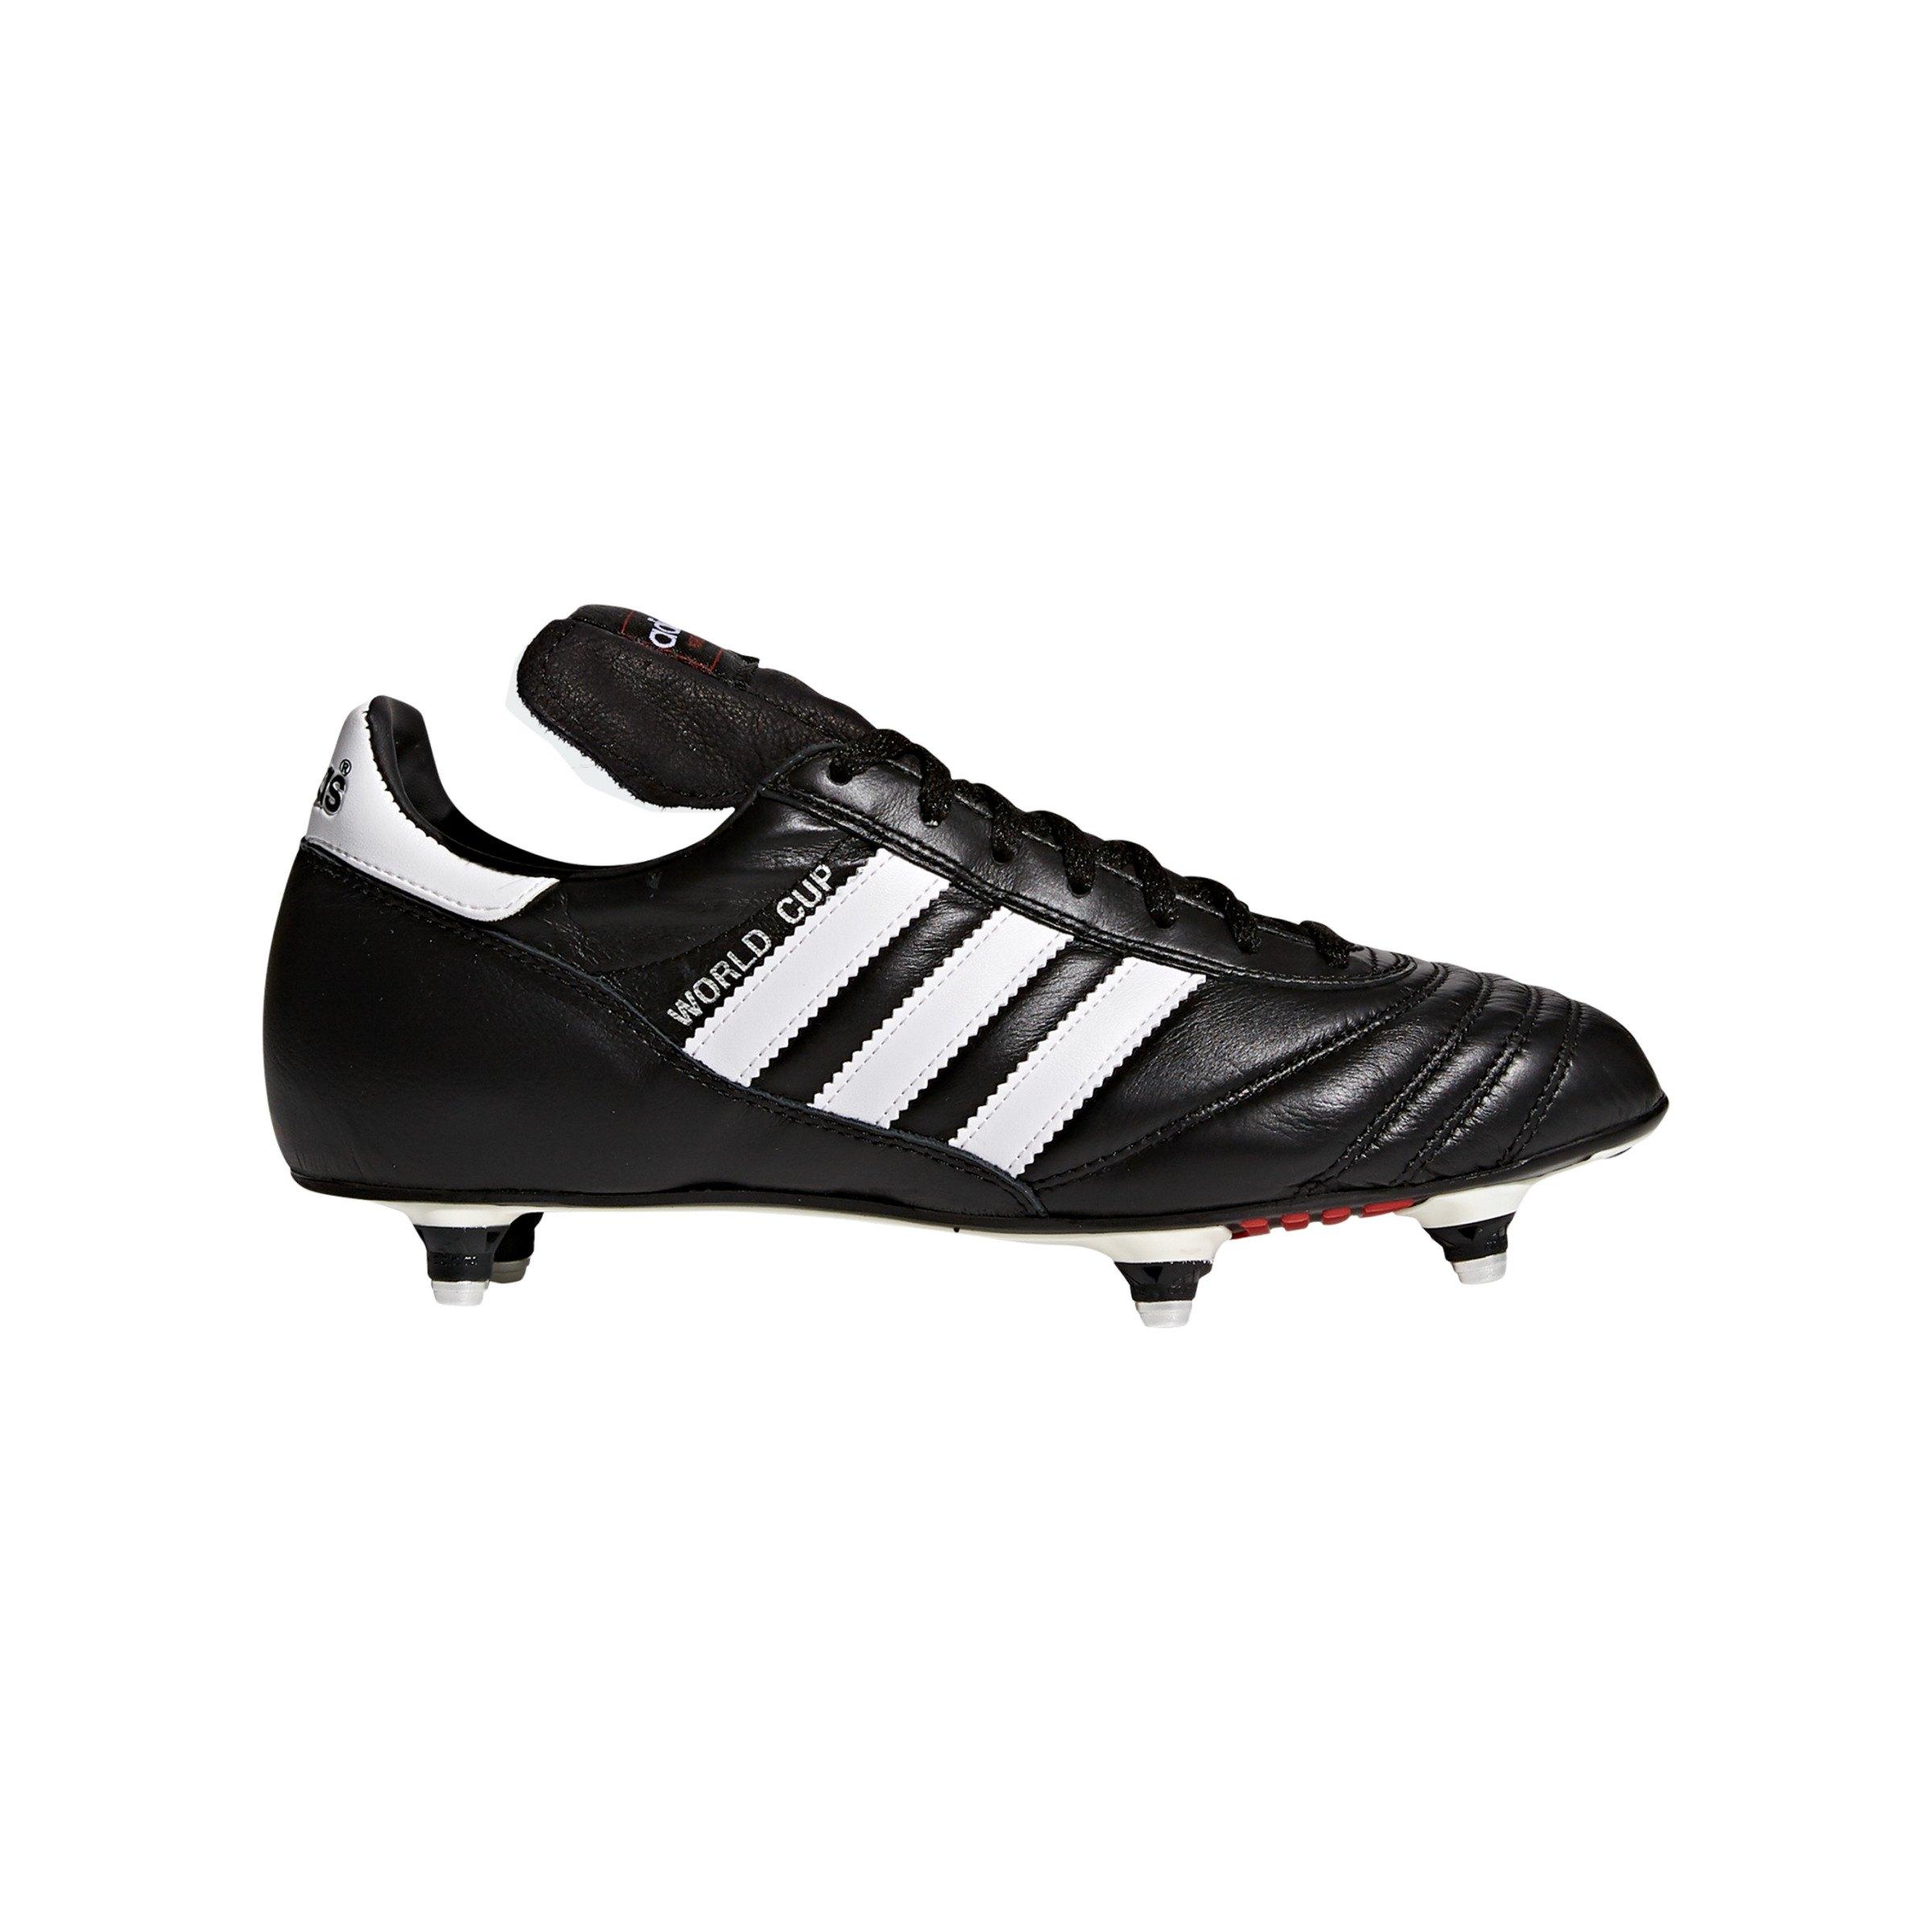 adidas Fußballschuhe World Cup SG - schwarz